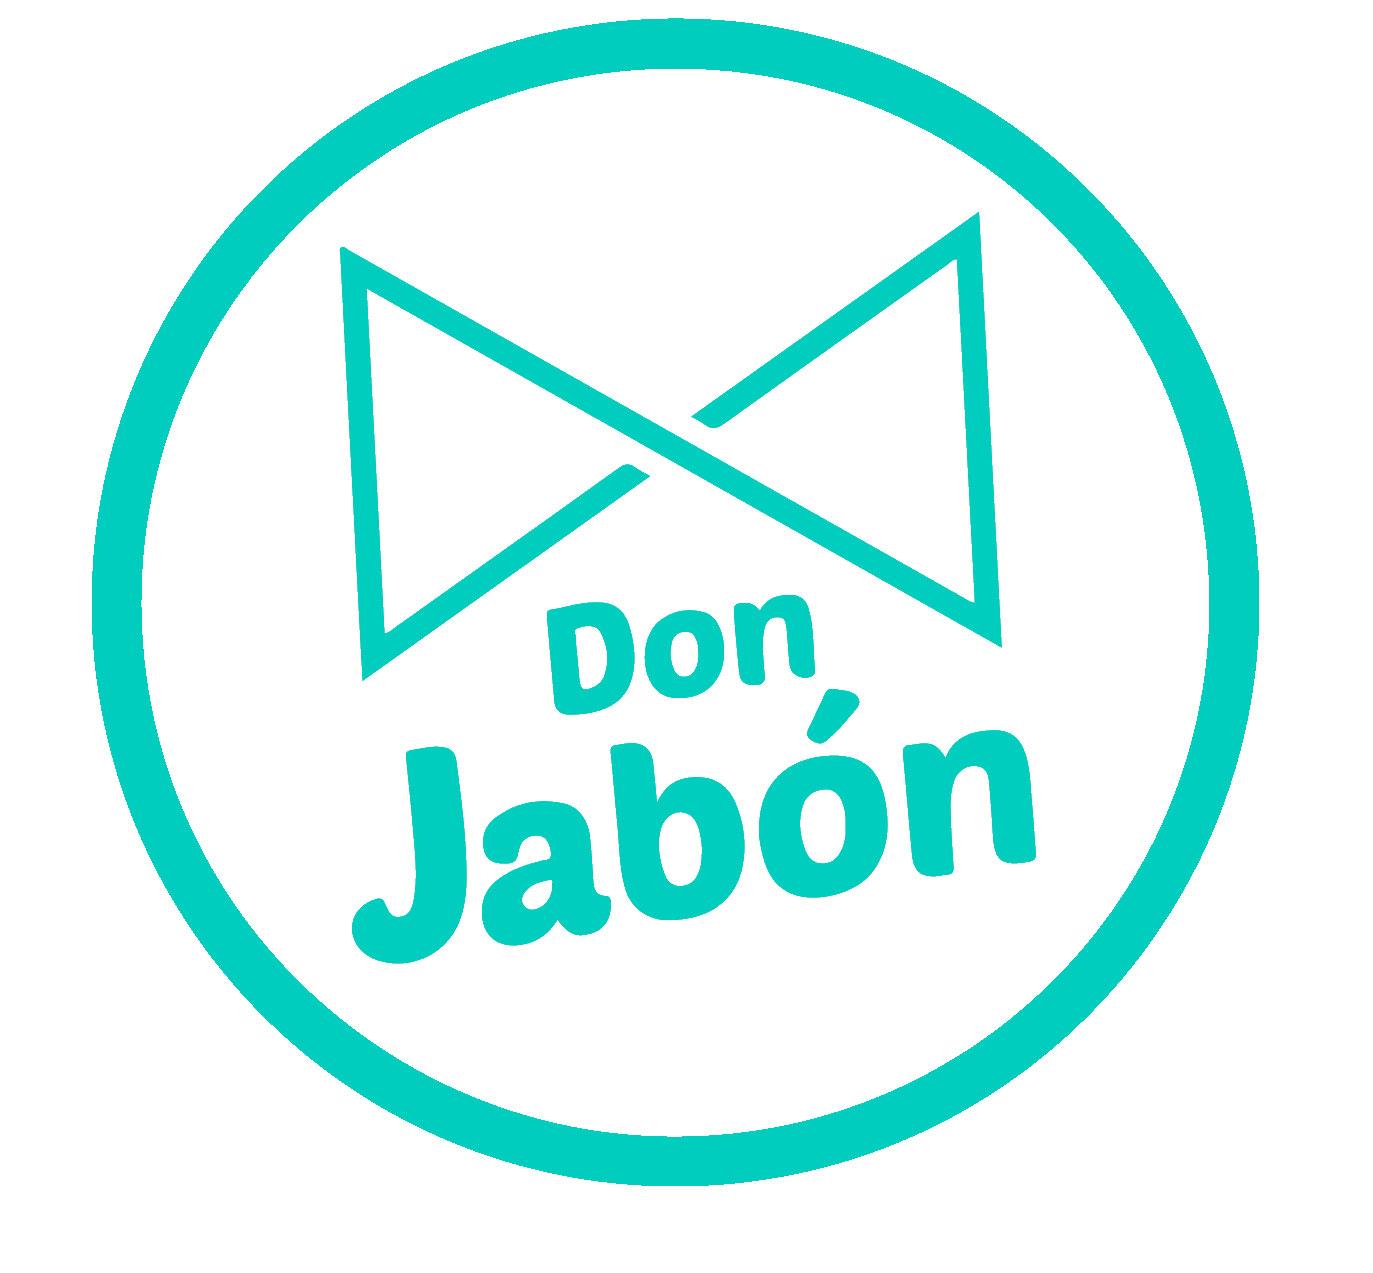 logo Don Jabon Marin